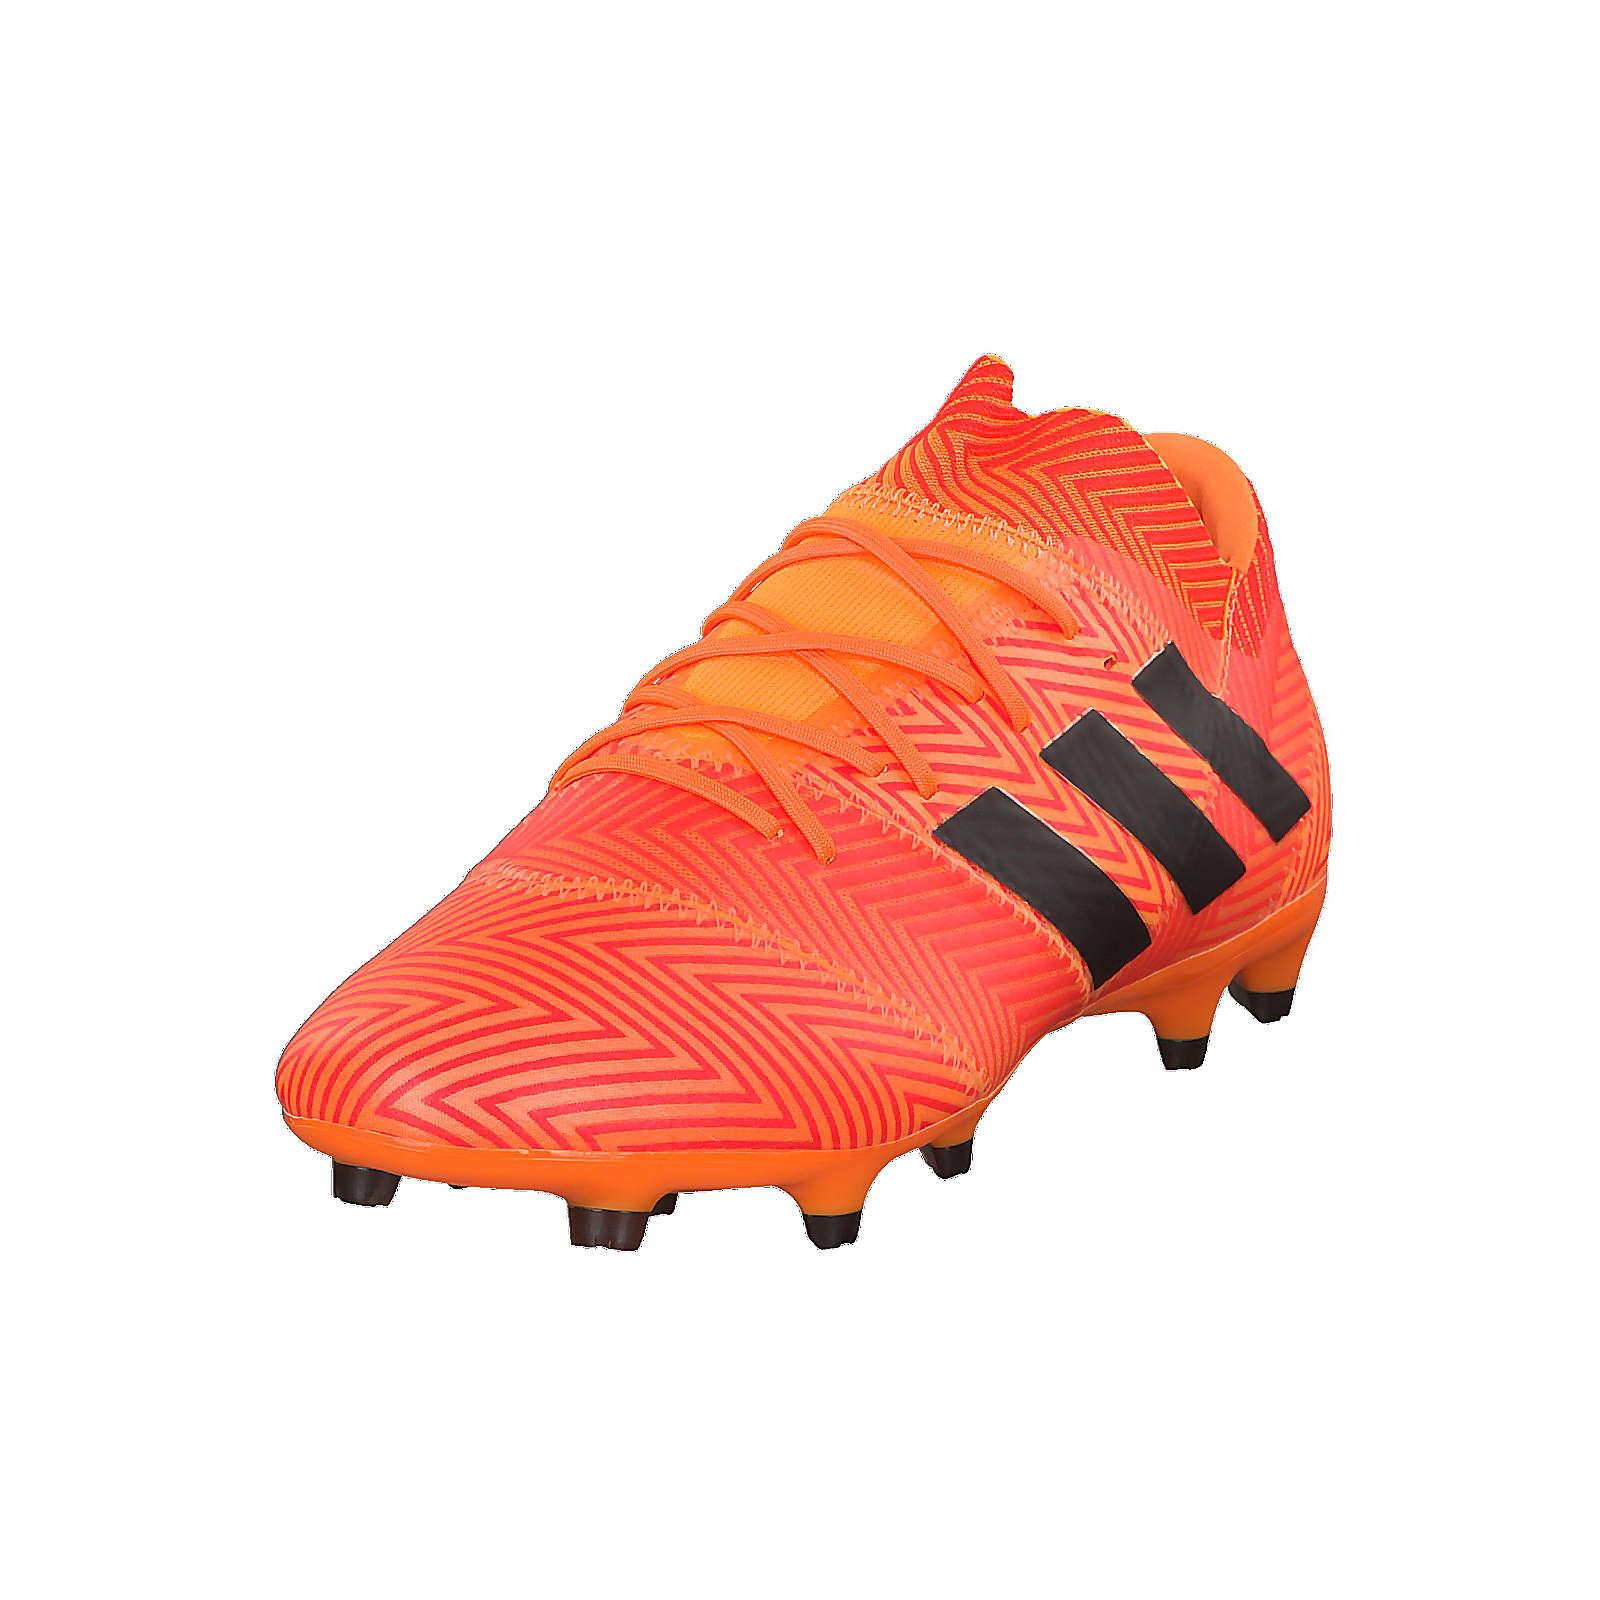 adidas Performance Fußballschuhe NEMEZIZ 18.2 FG DA9580 mit innovativer Stollenkonfiguration Sportschuhe orange Herren Gr. 46 2/3